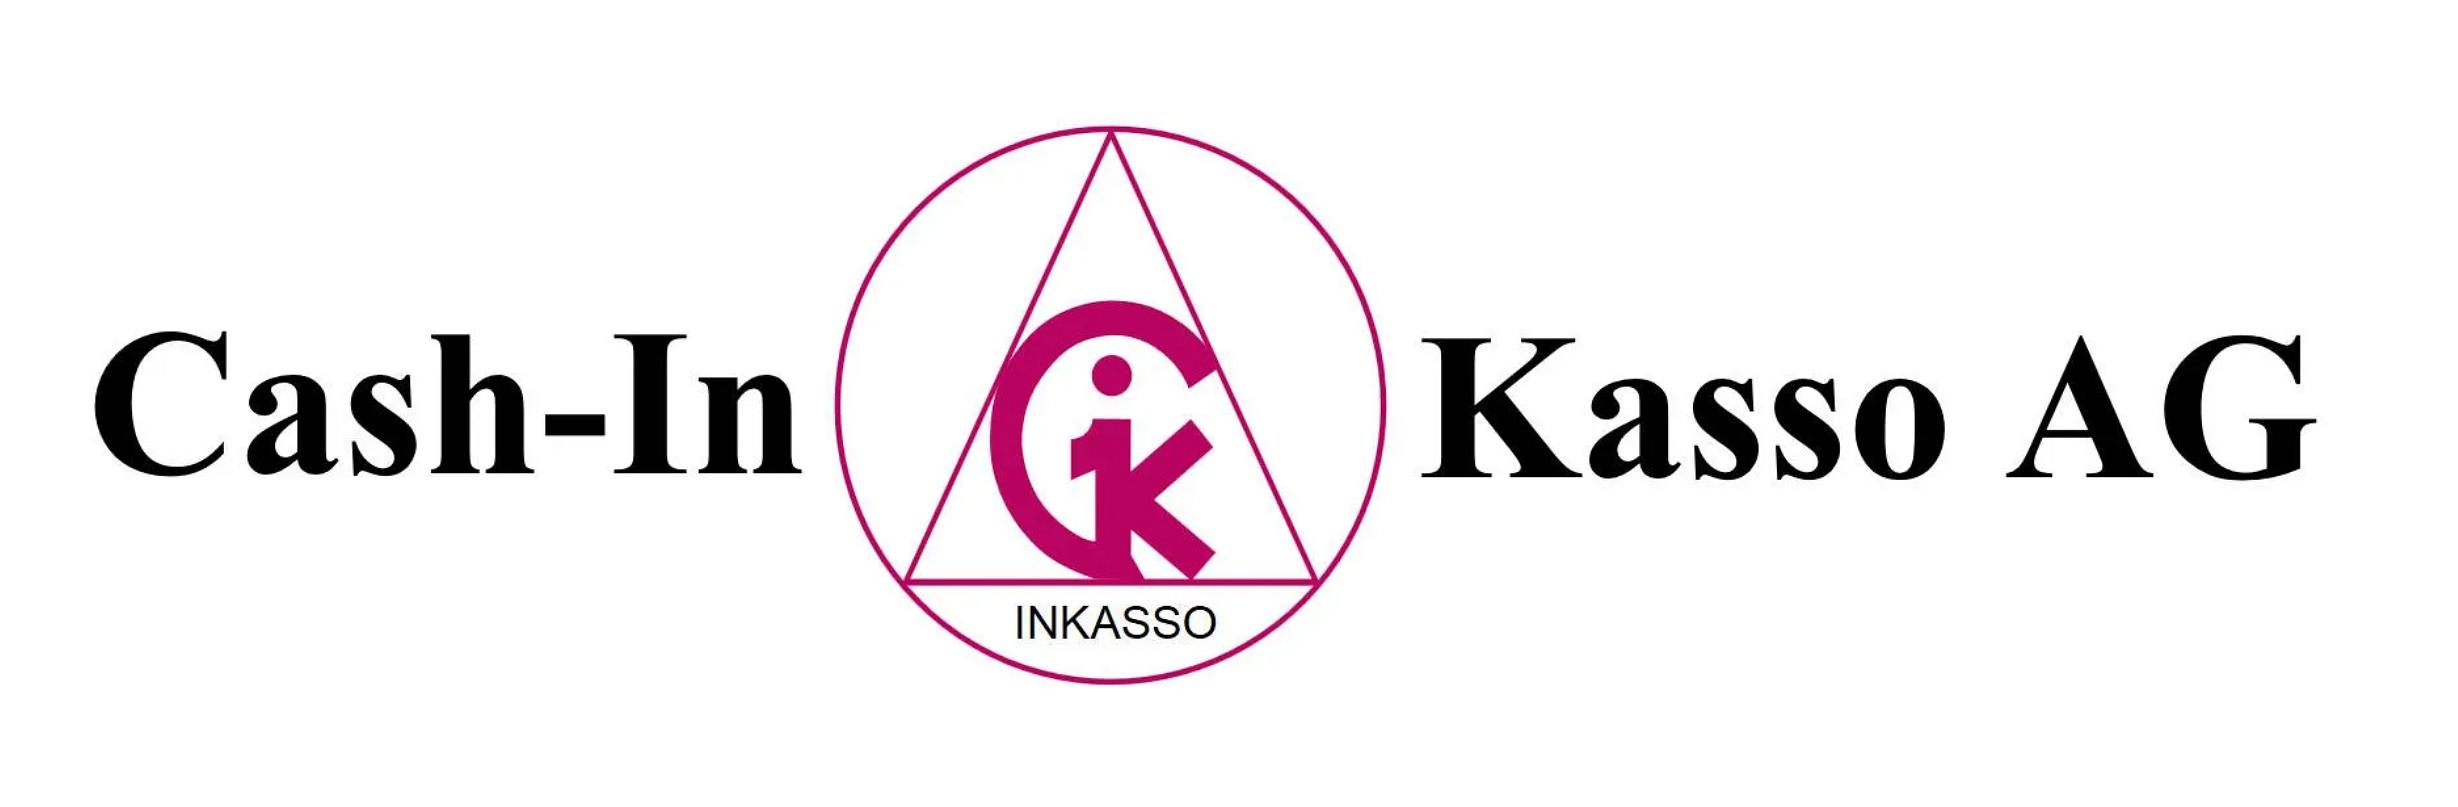 Cash-In-Kasso AG